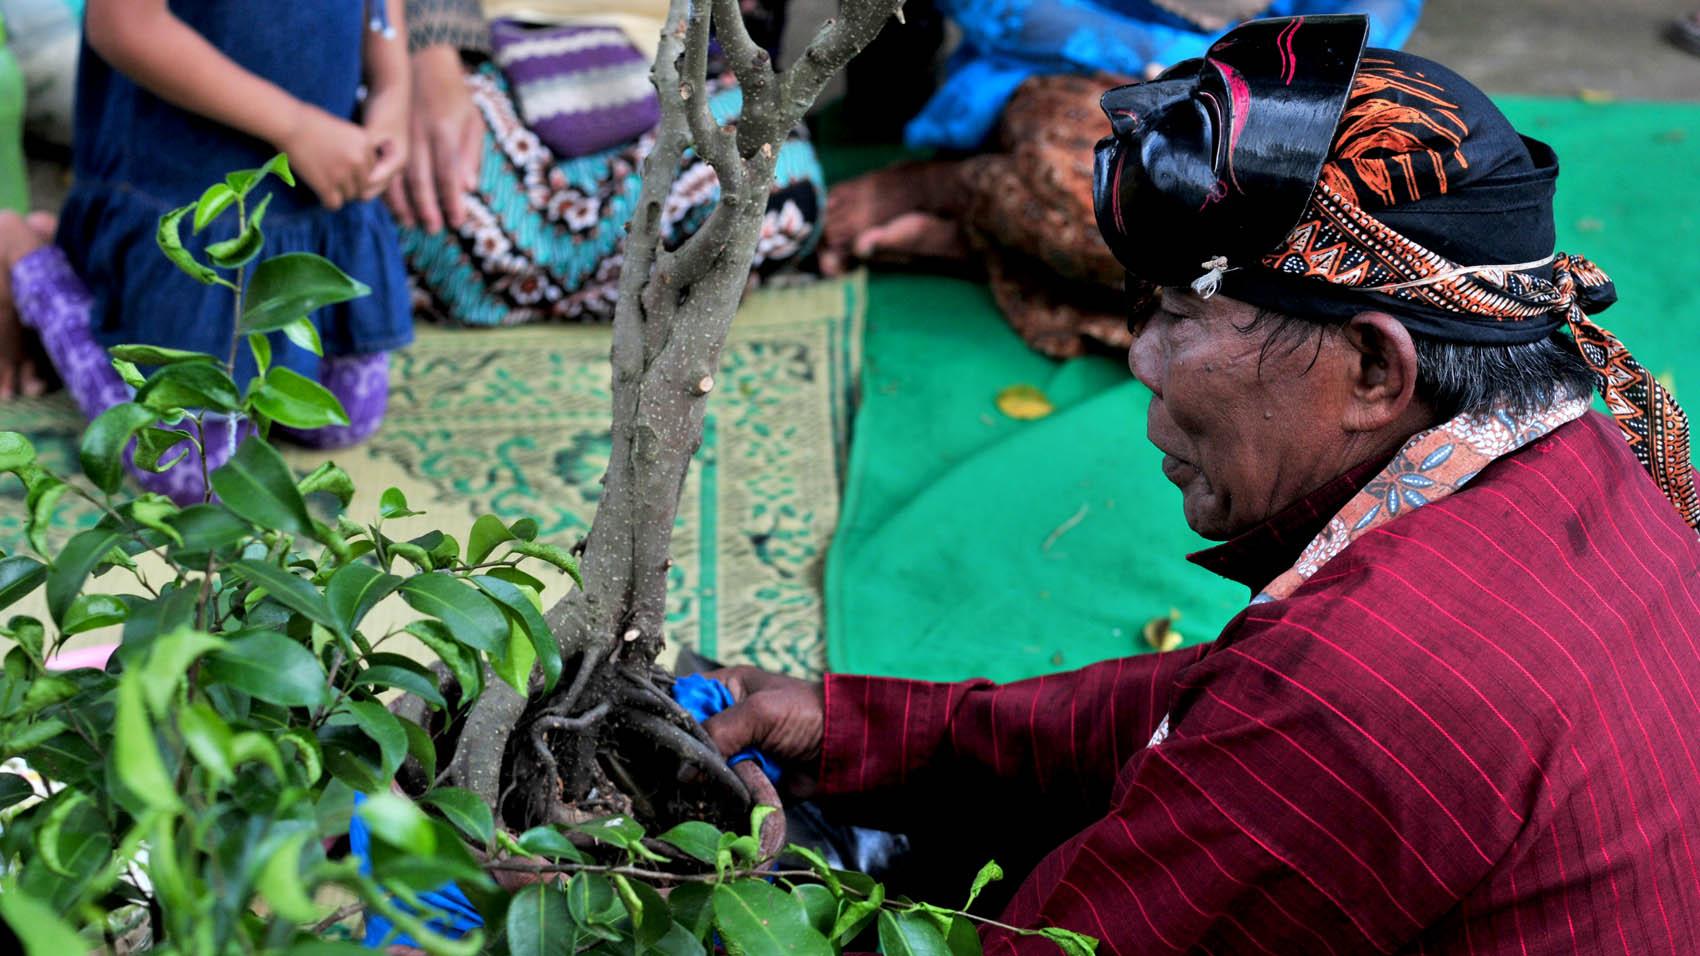 Beles menyerahkan pohon beringin secara simbolik.[Foto:Padmo]